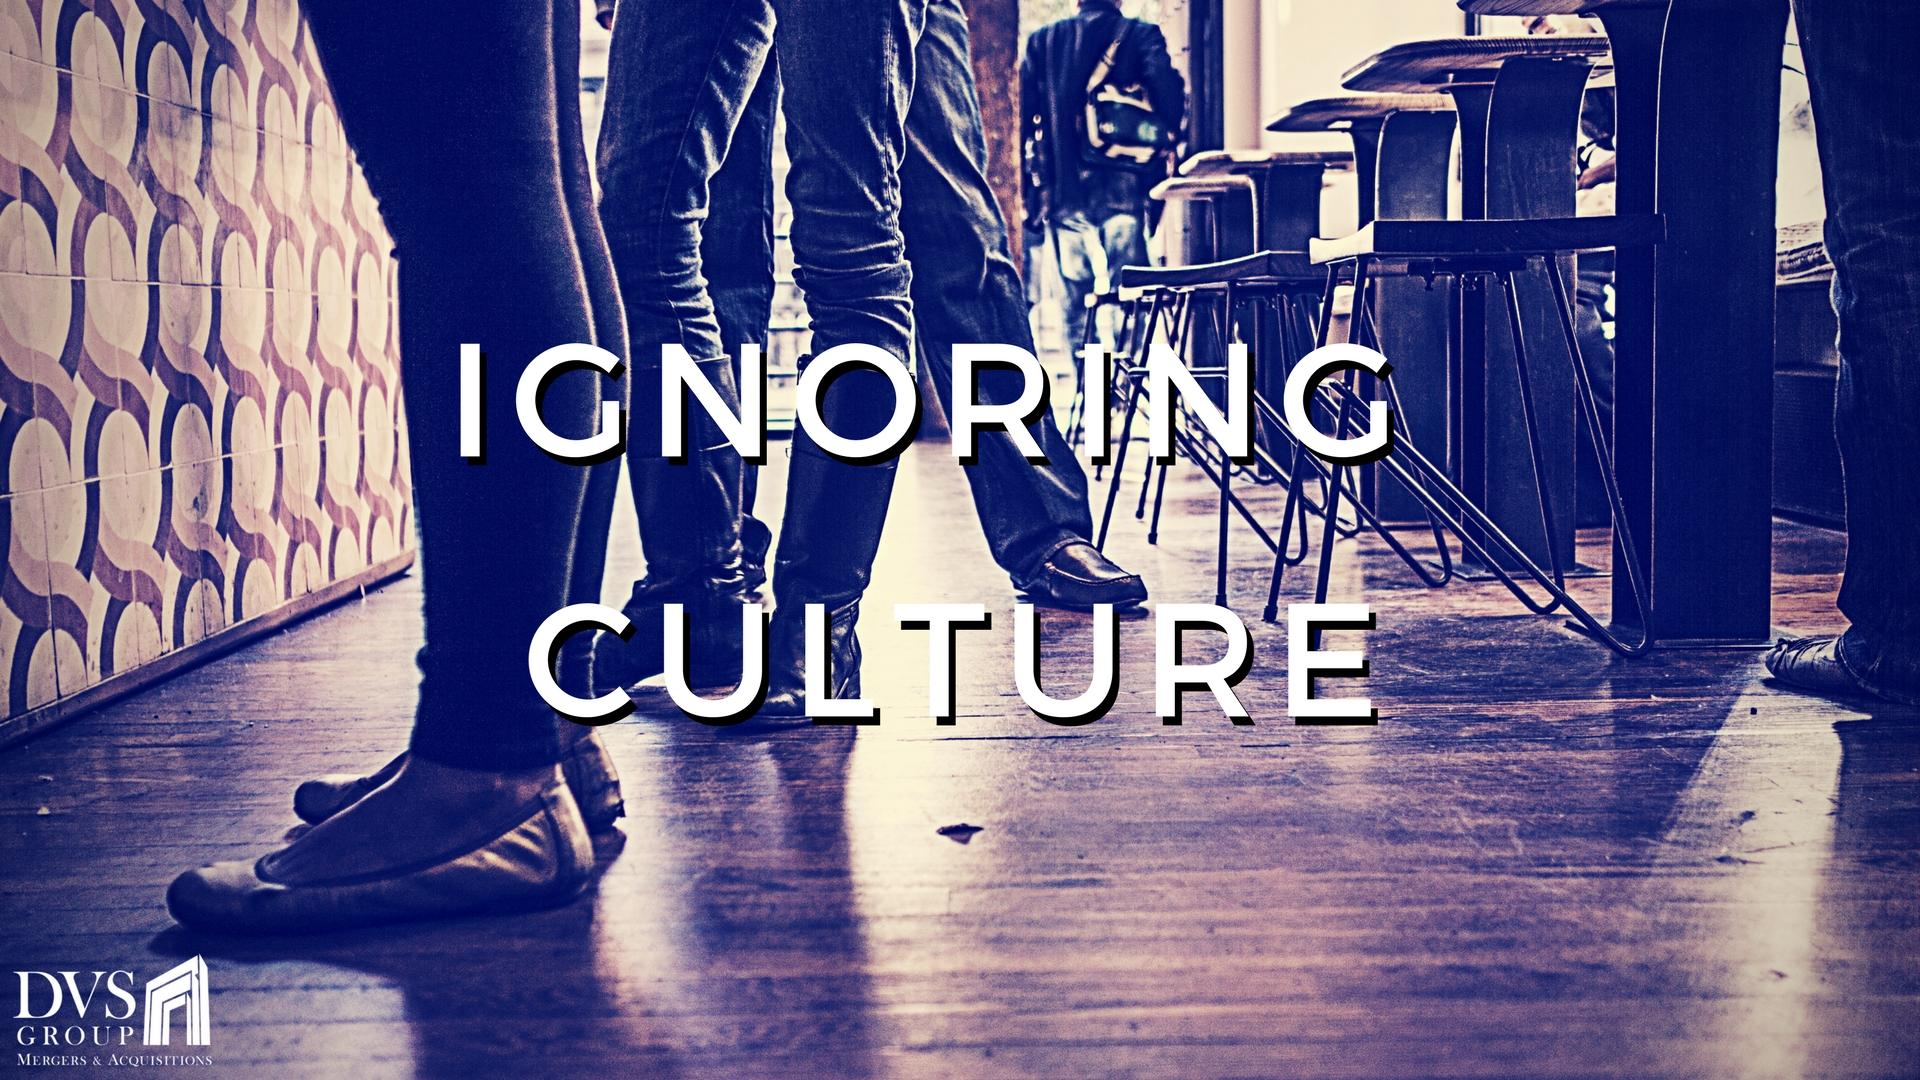 Ignoring Culture